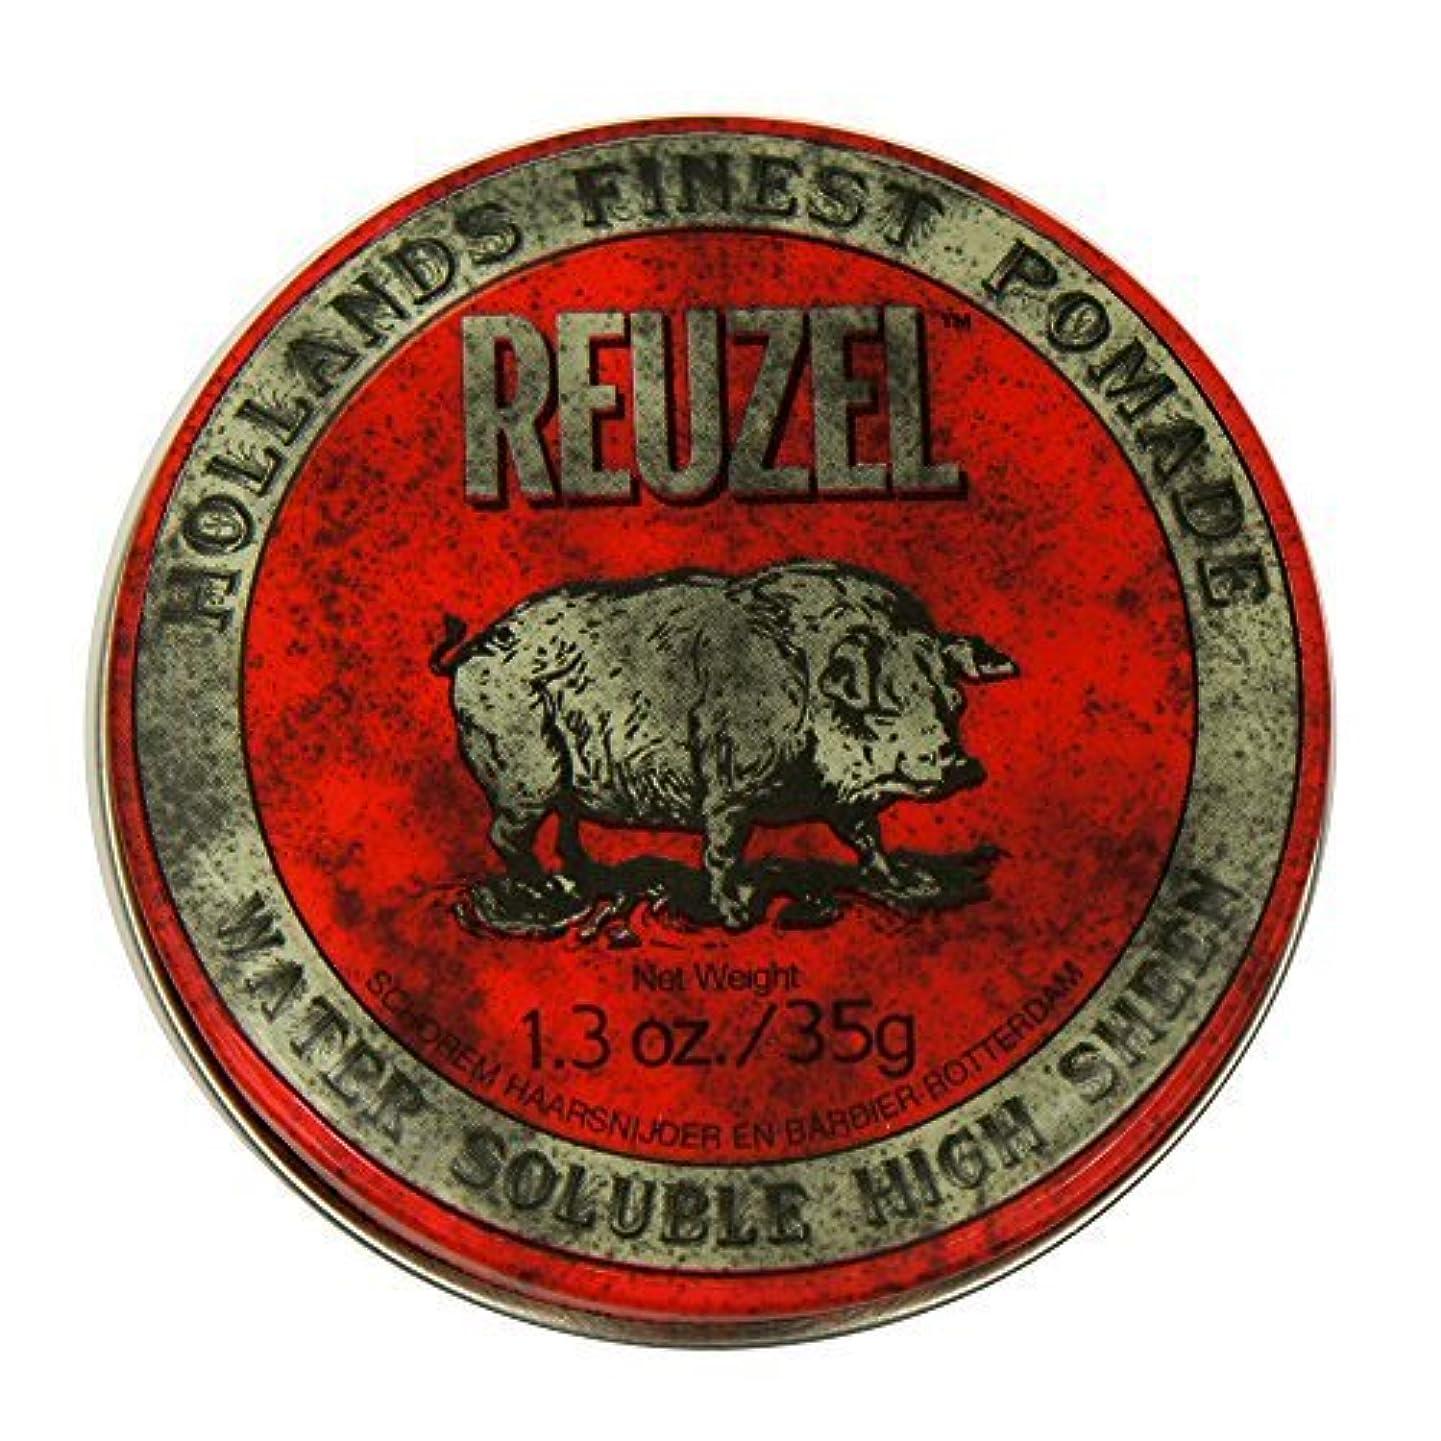 取る検索エンジン最適化食料品店Reuzel Red Hair Pomade Piglet 1.3oz [並行輸入品]